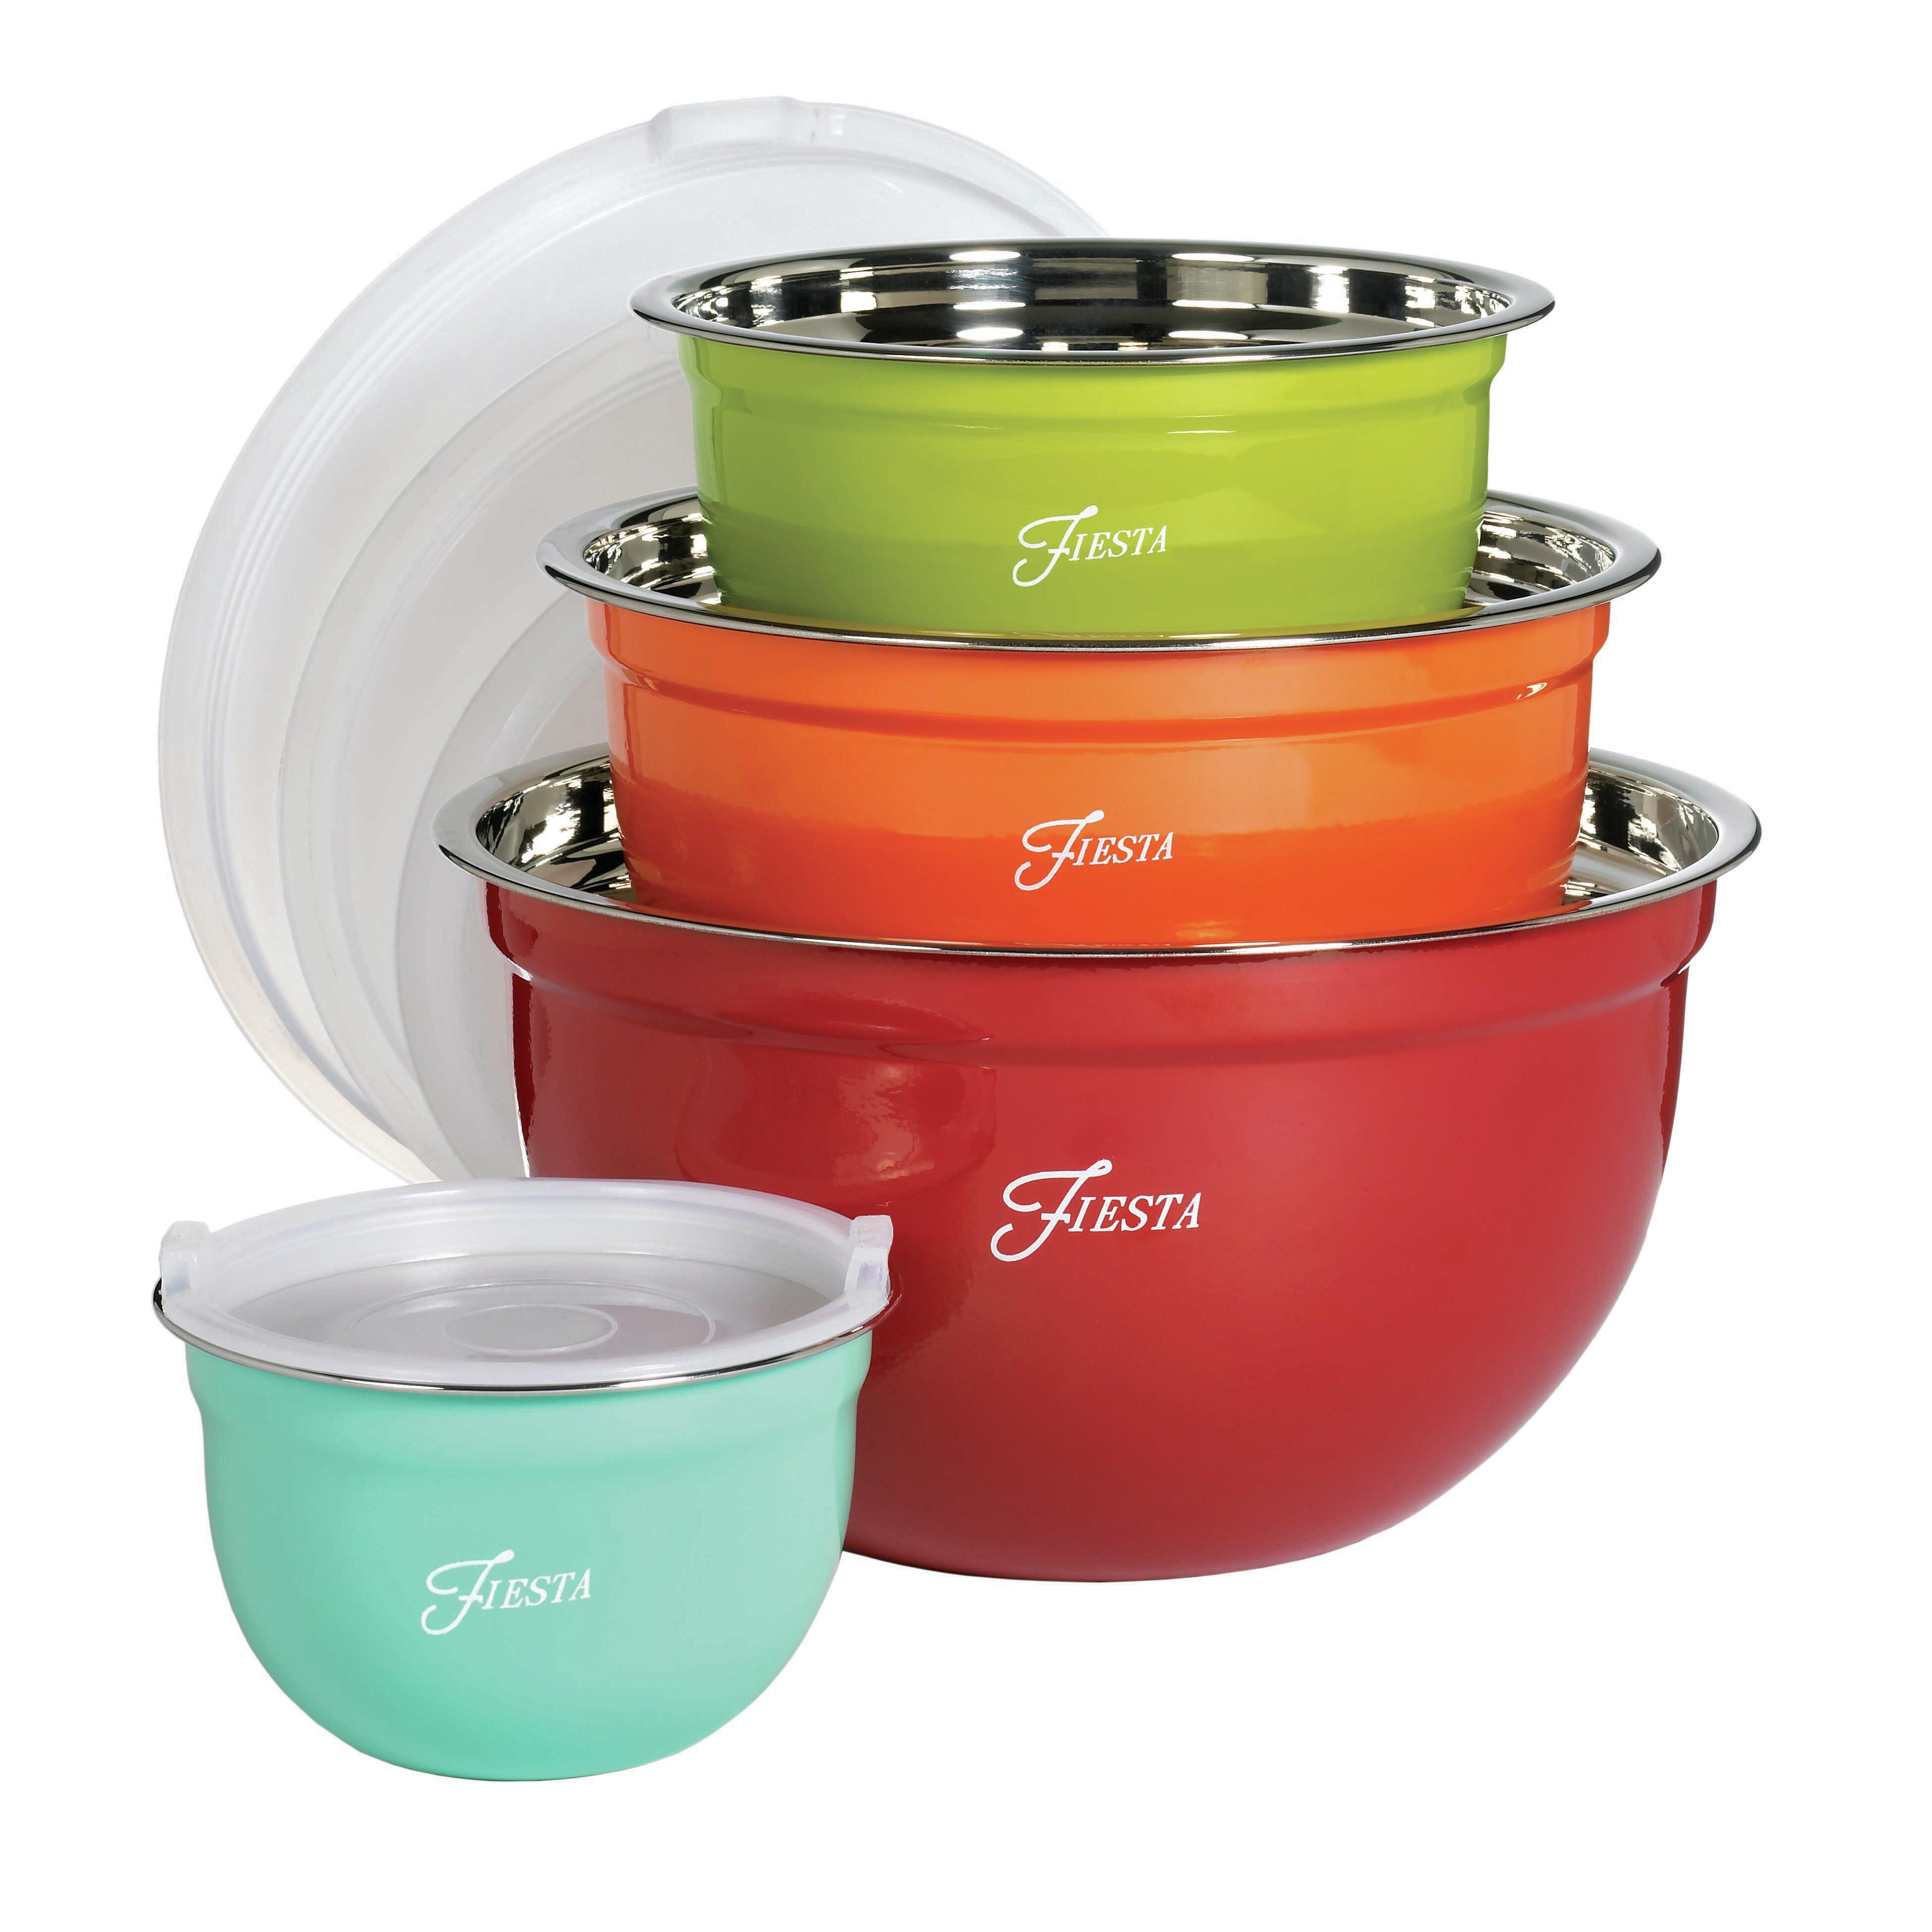 Fiesta 8 Piece Mixing Bowl Set & Reviews | Wayfair